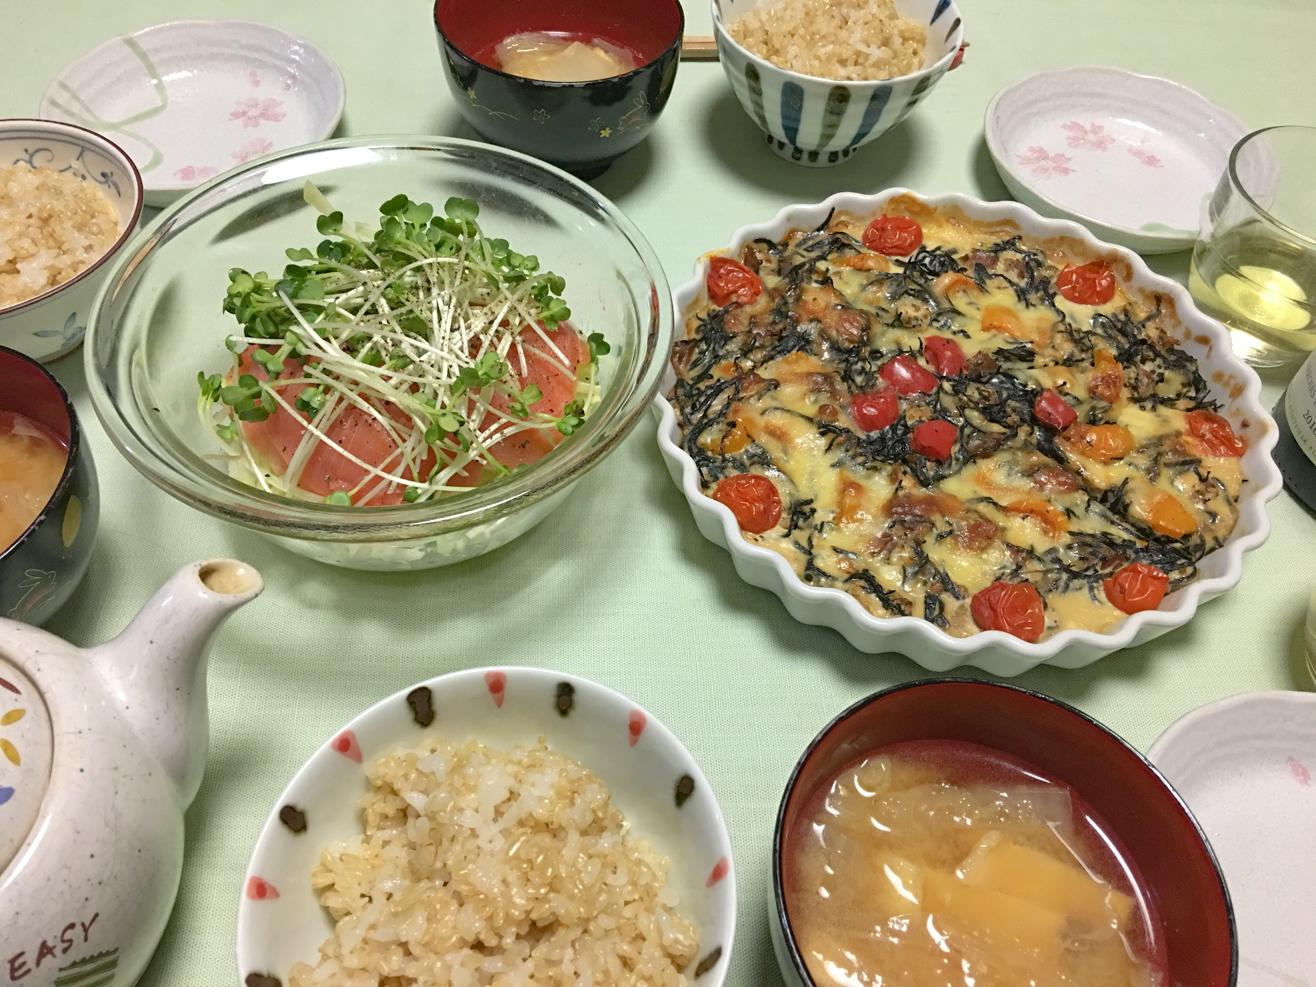 生ひじきのキッシュ中心の夕食の写真